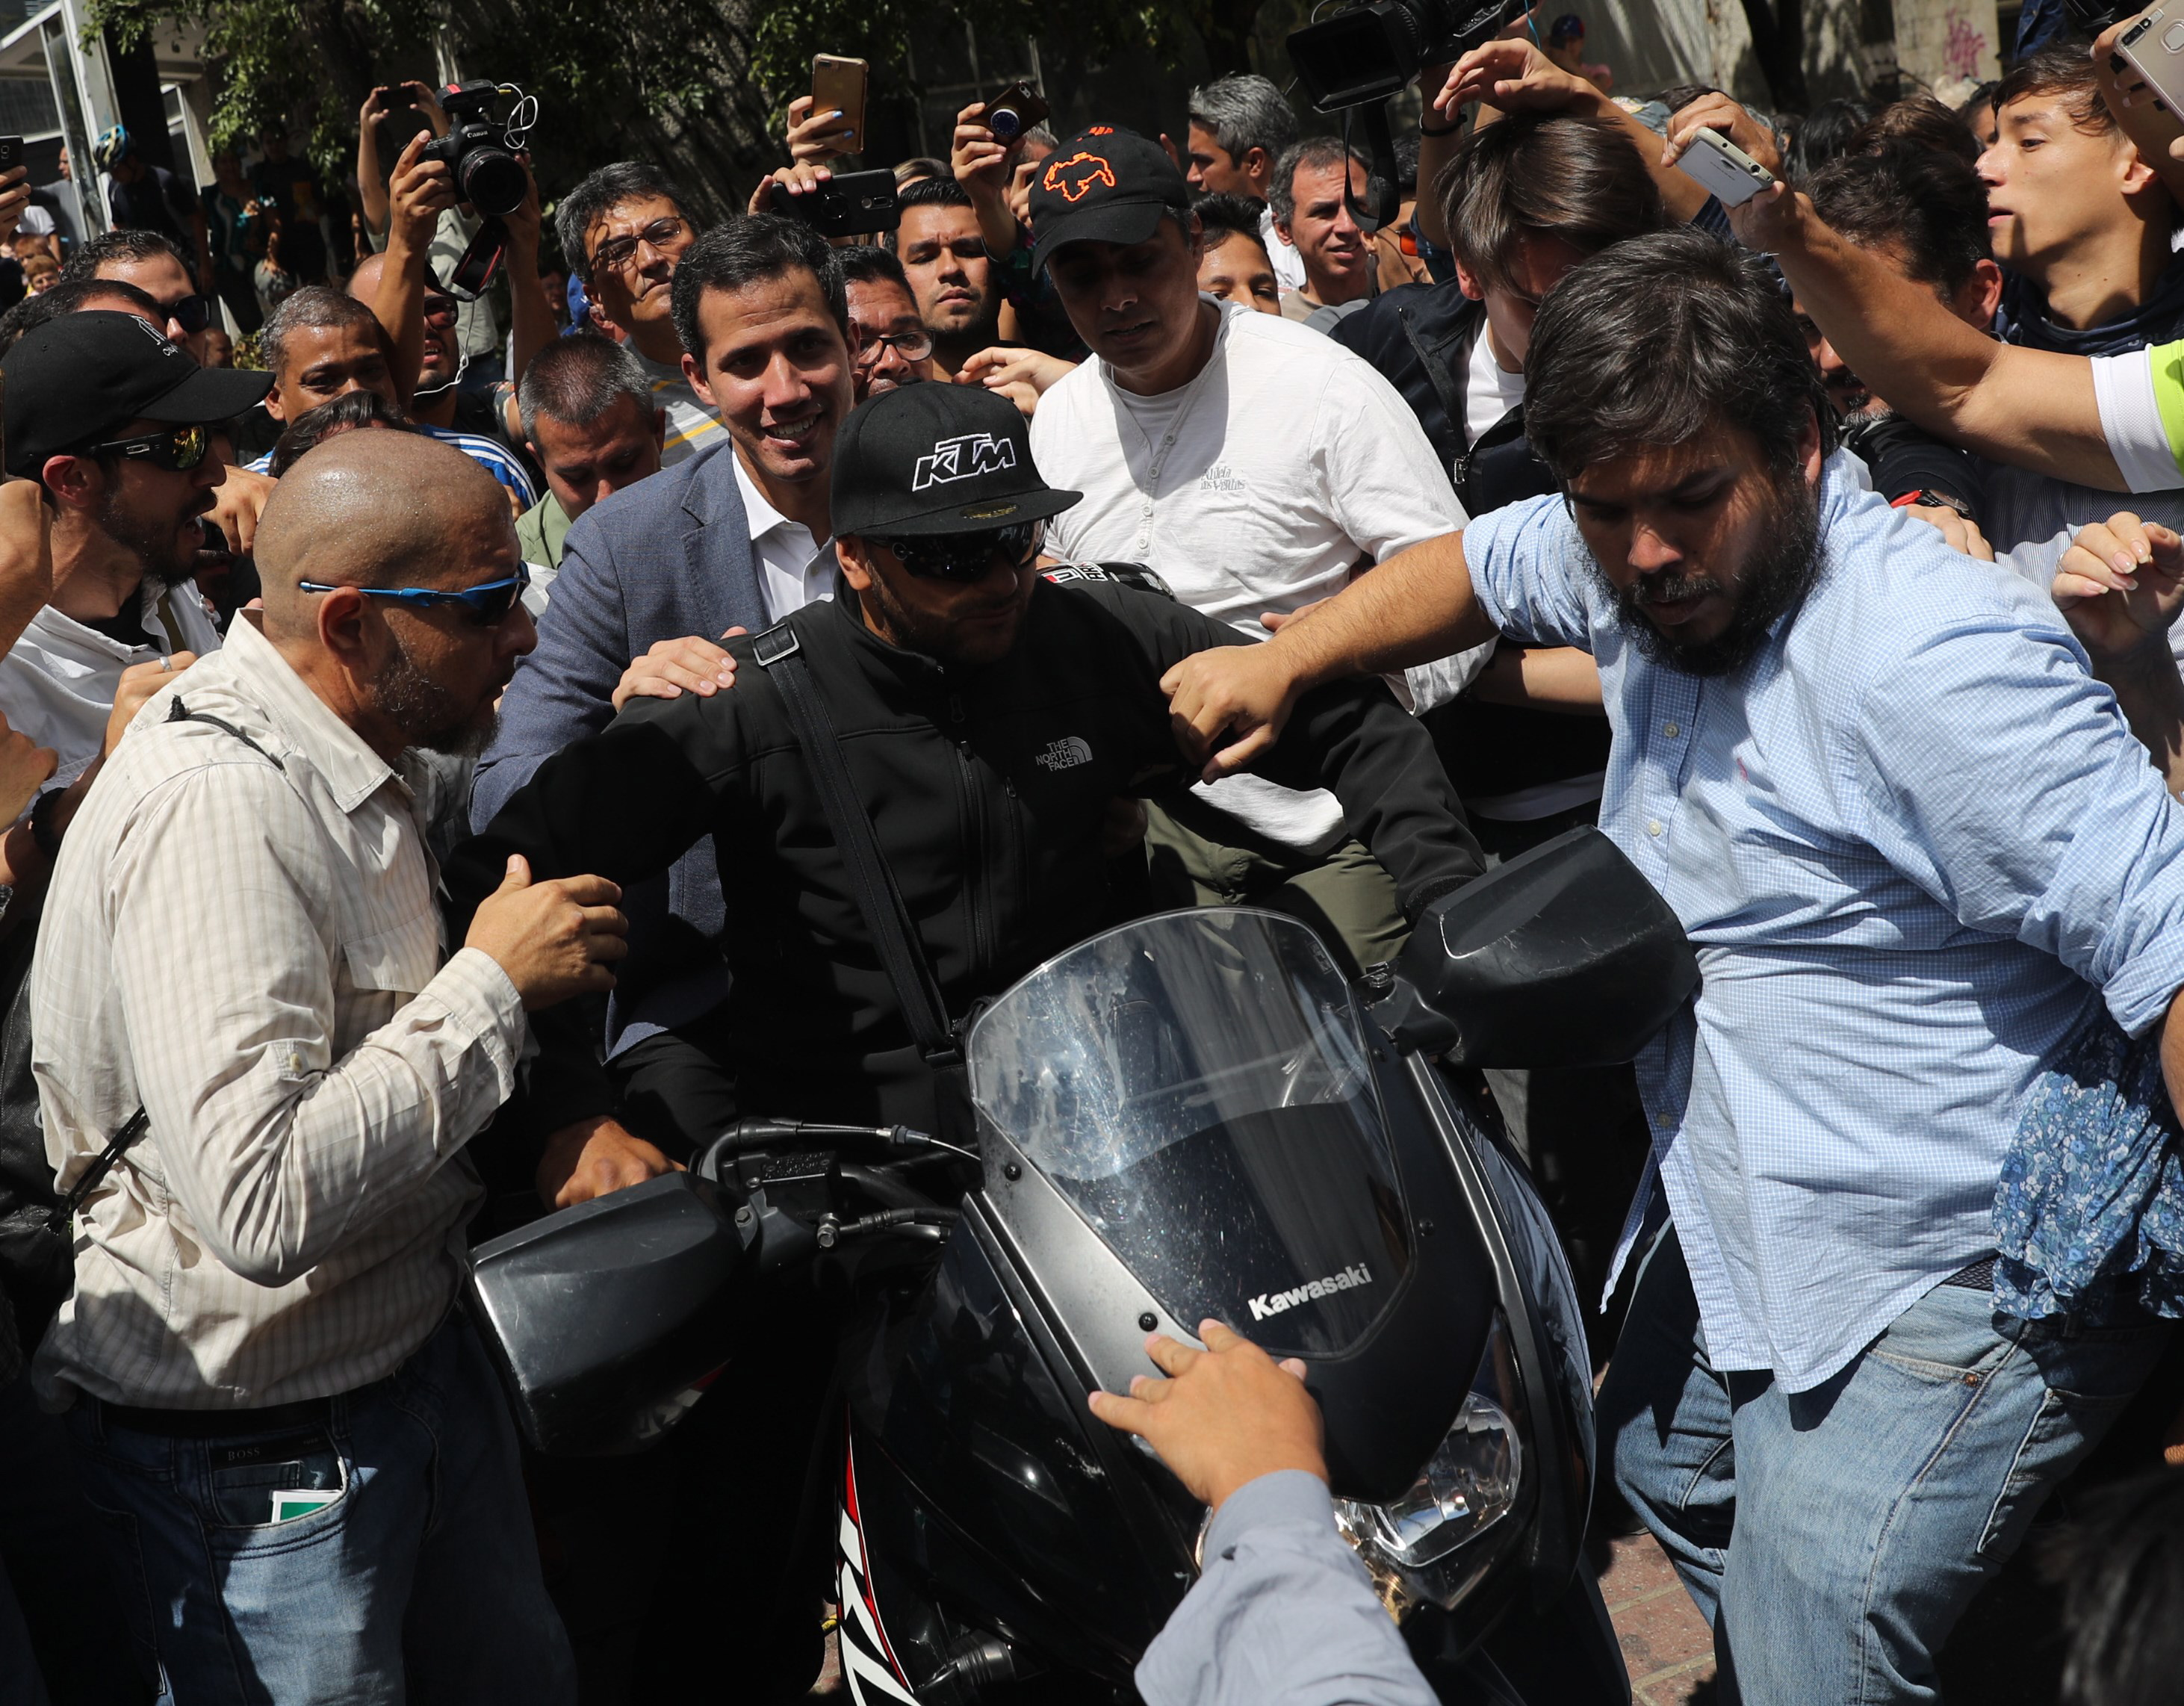 Državni odvjetnik traži da se Guaidou zabrani izlazak iz zemlje i blokiraju računi